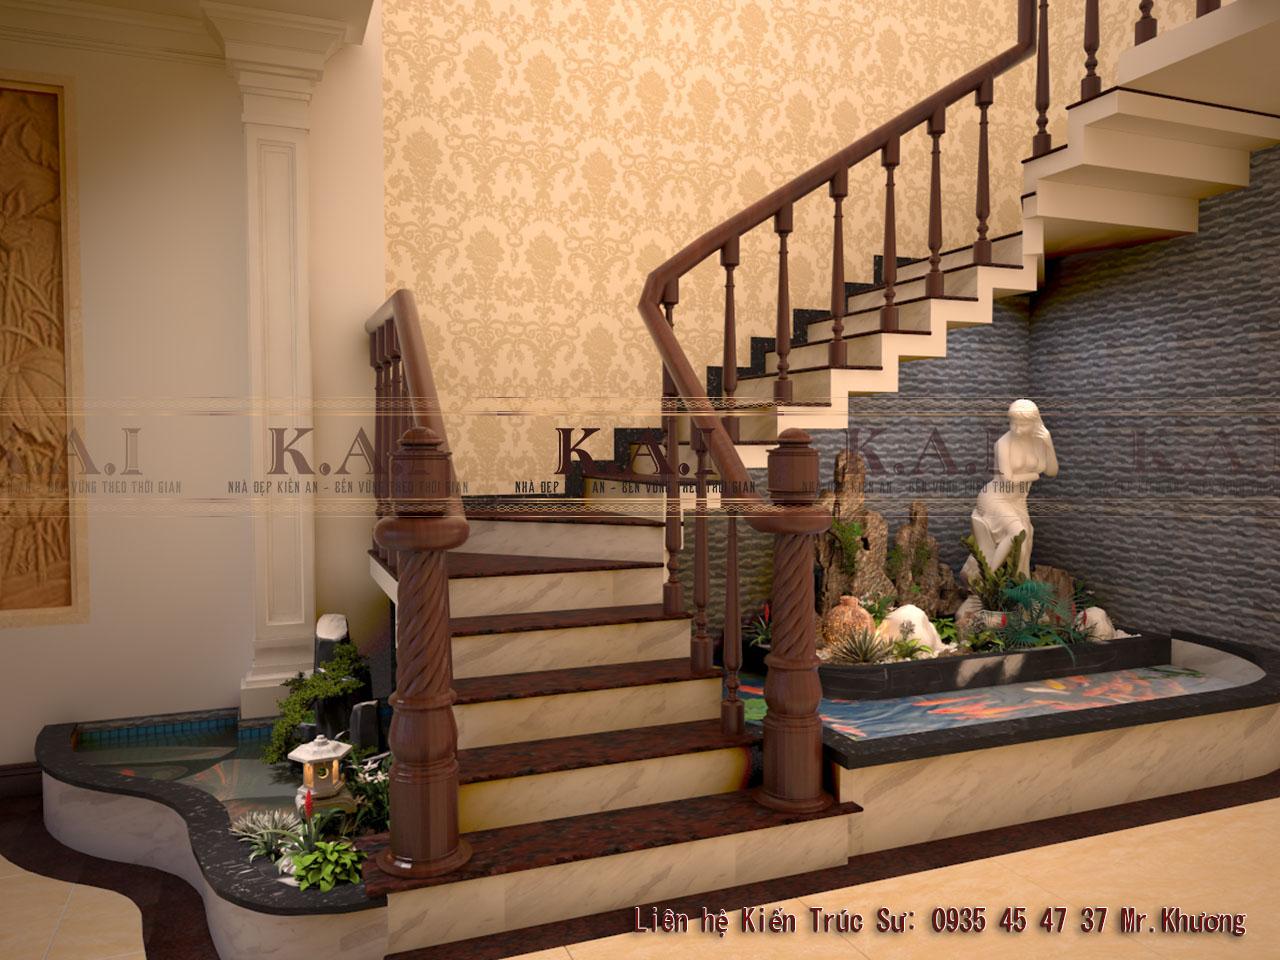 Mẫu cầu thang gỗ đẹp